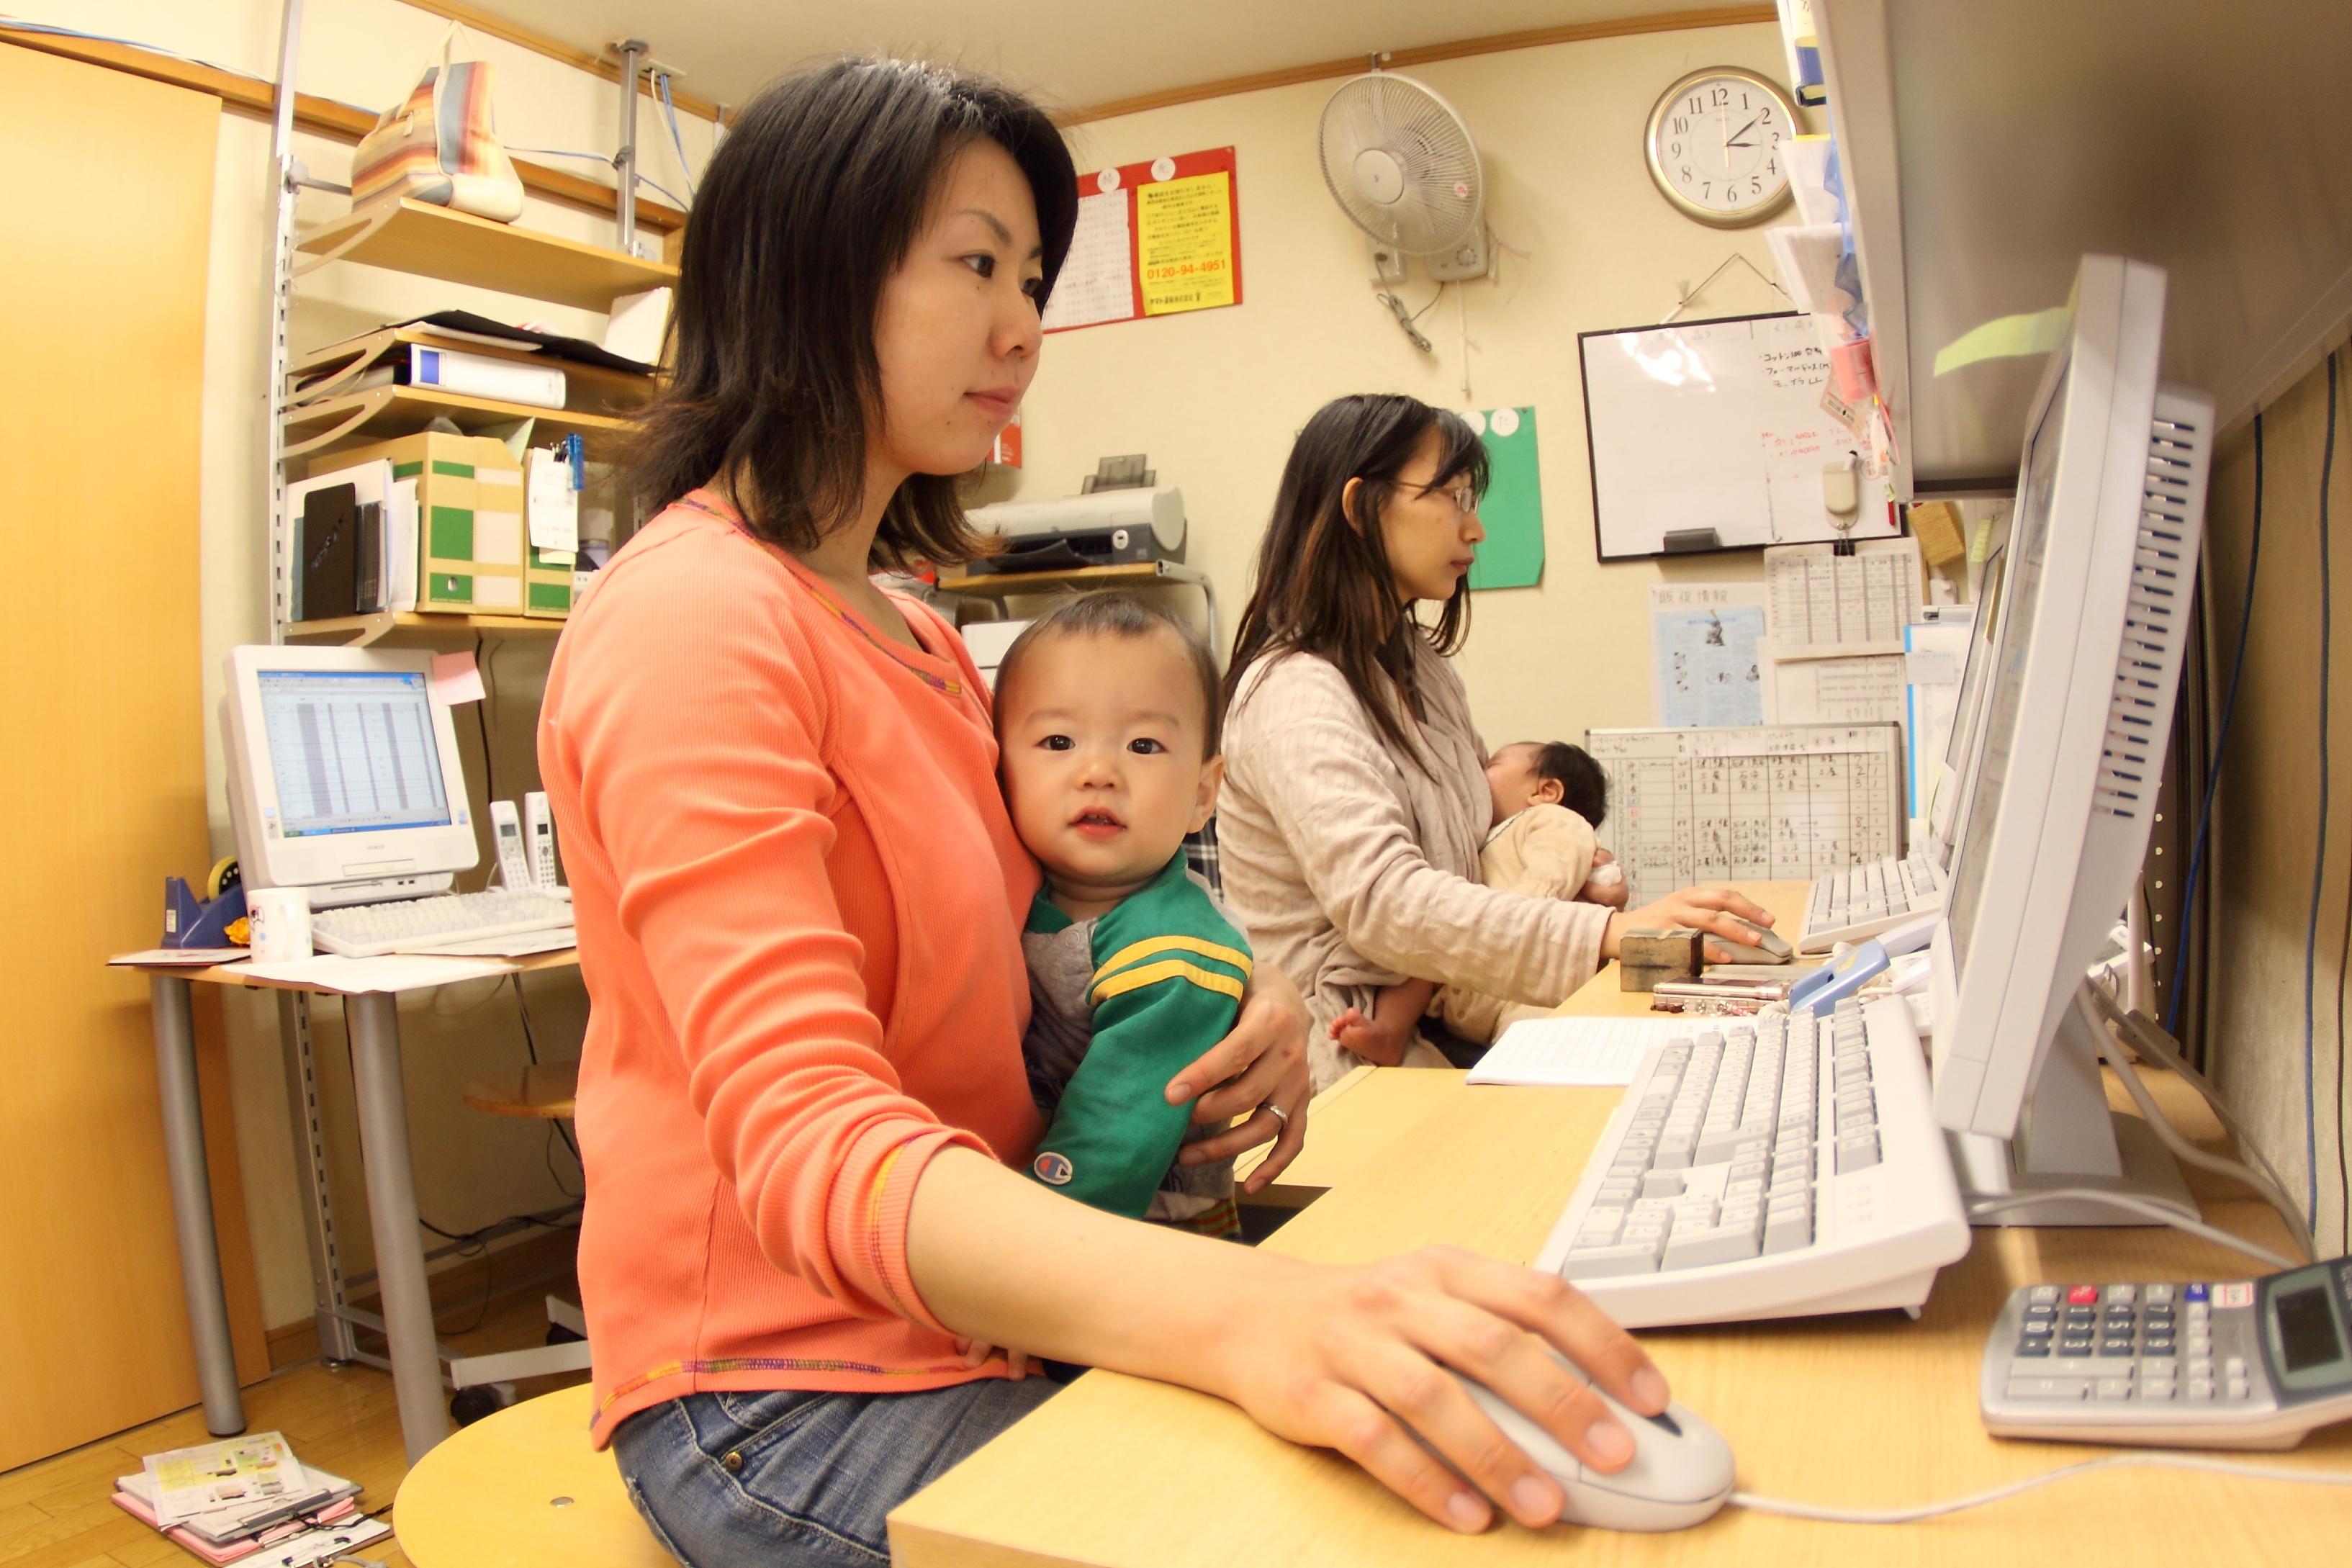 【講演会当日の動画をUPしました!】ここからうまれるイノベーション連続セッション「子連れ出勤」という就業スタイル~キャリアを活かす事業戦略を考える」